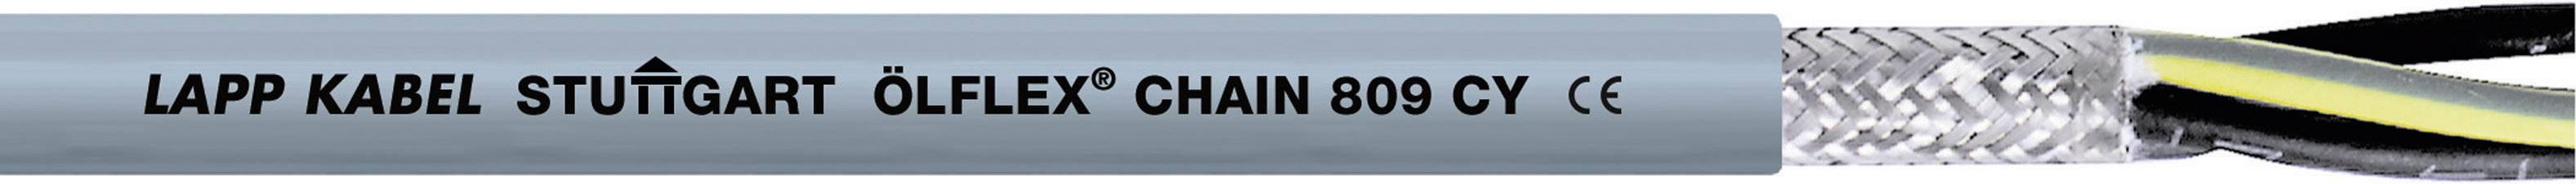 Žíla kabelu LappKabel ÖLFLEX CHAIN 809 CY 2X0,75 (1026759), 2x 0,75 mm², PVC, Ø 6,2 mm, stíněný, 100 m, šedá